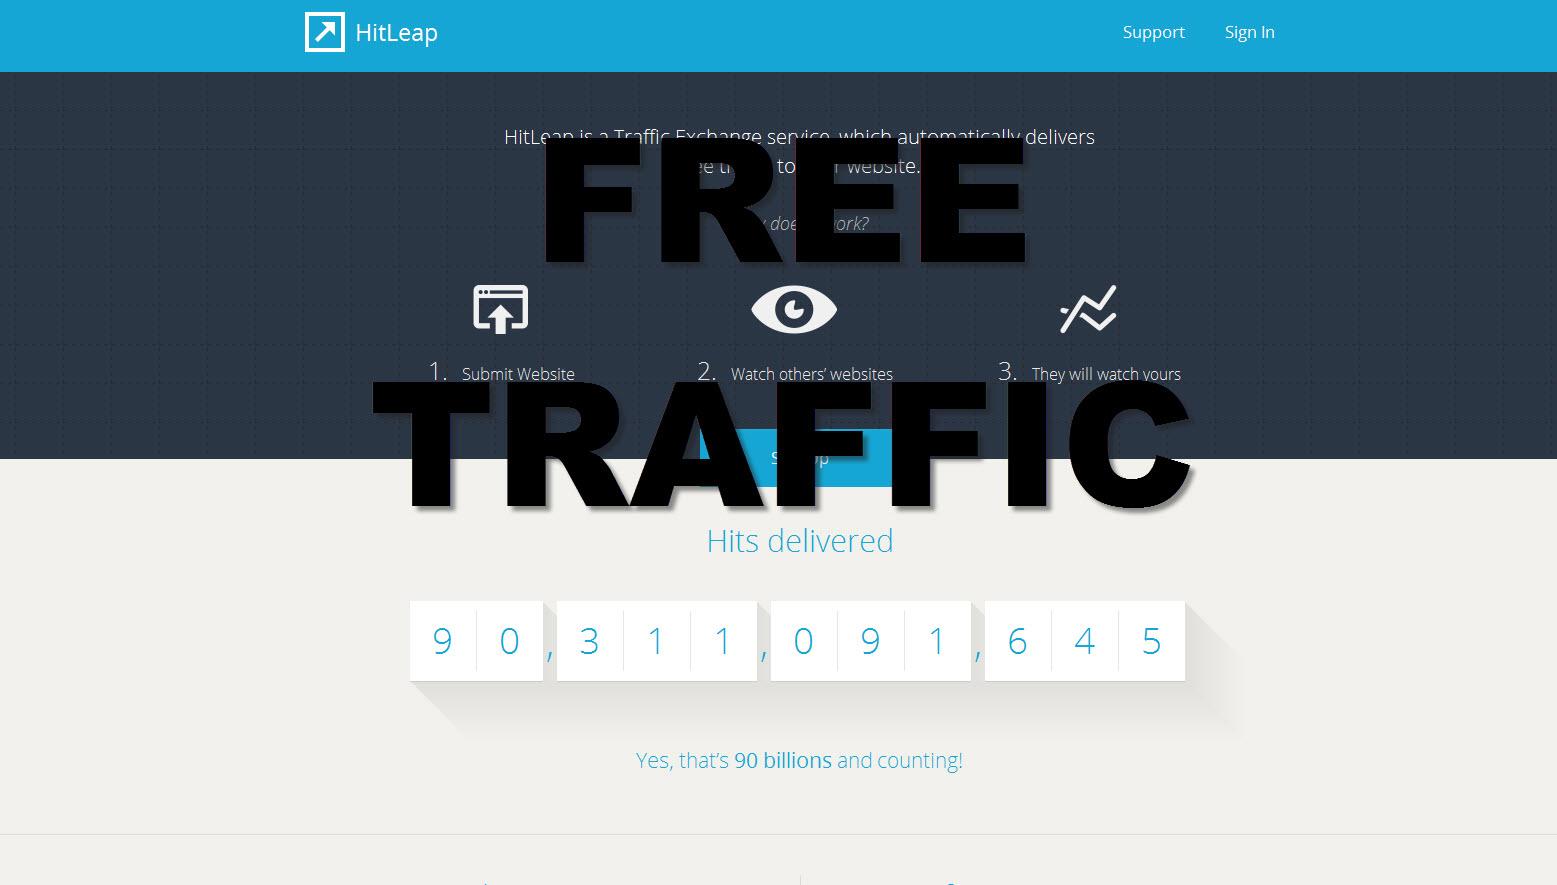 Hitleap free traffic exchange service